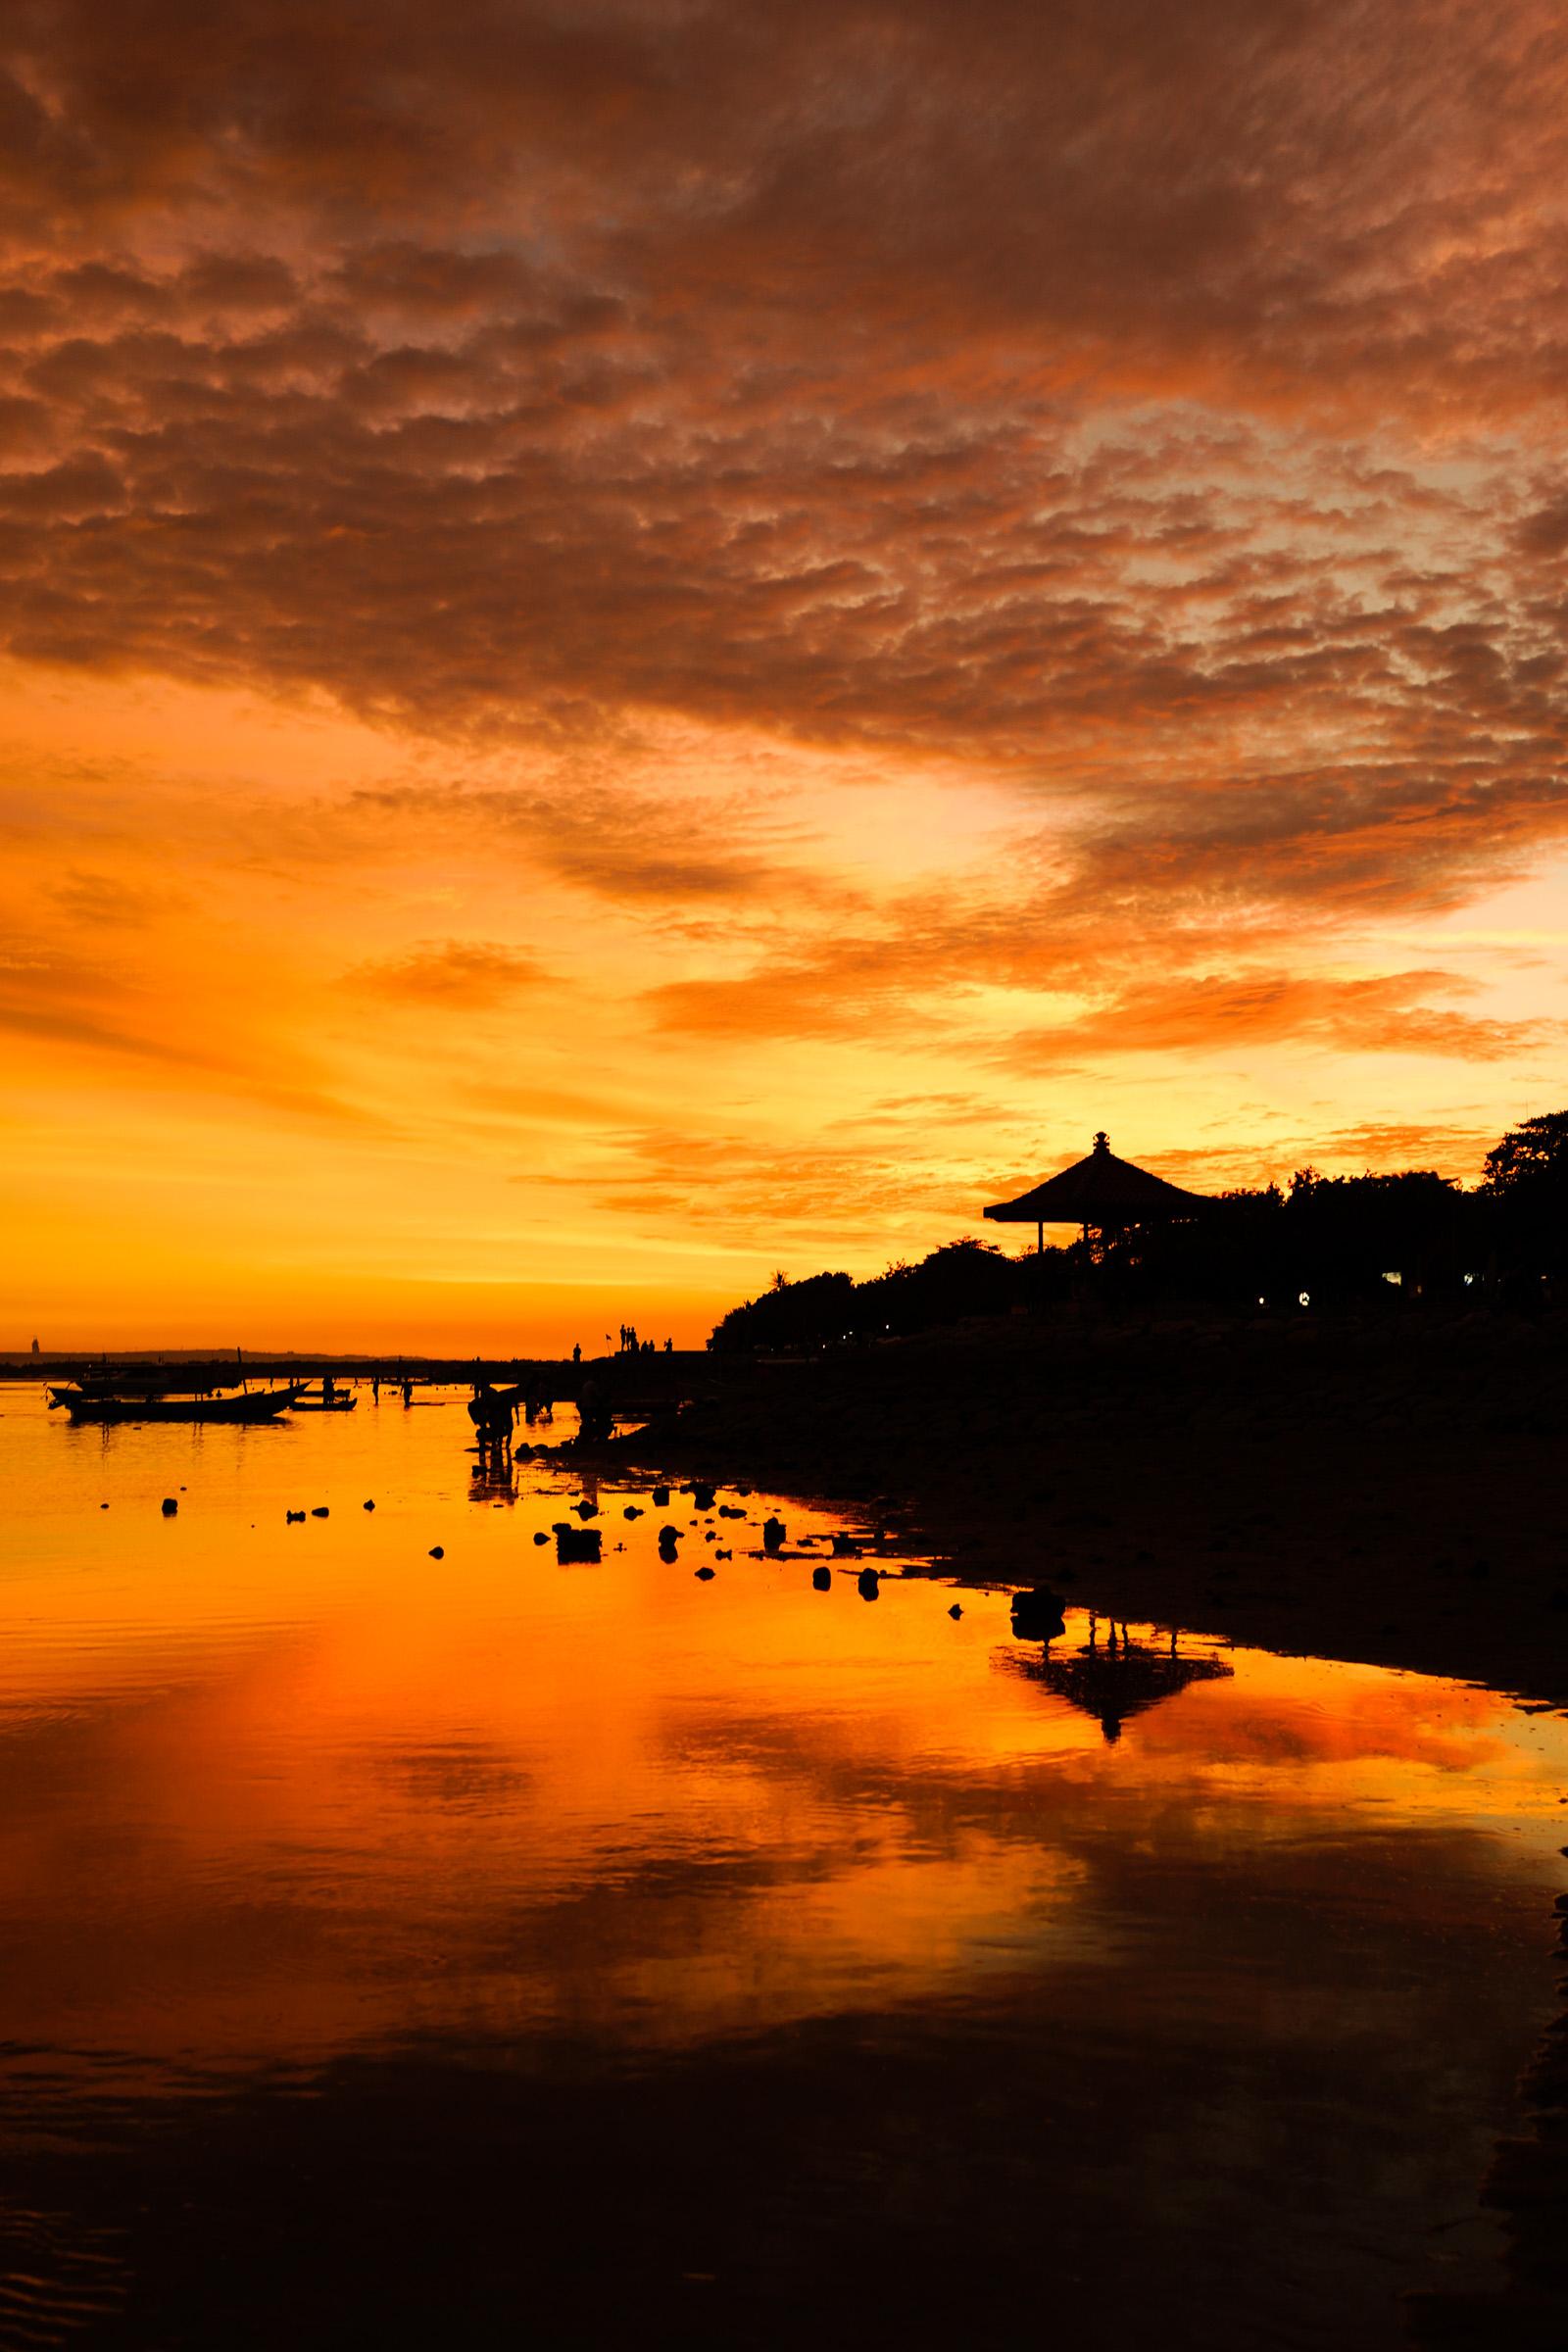 sanur beach sunset アデリープランニング株式会社